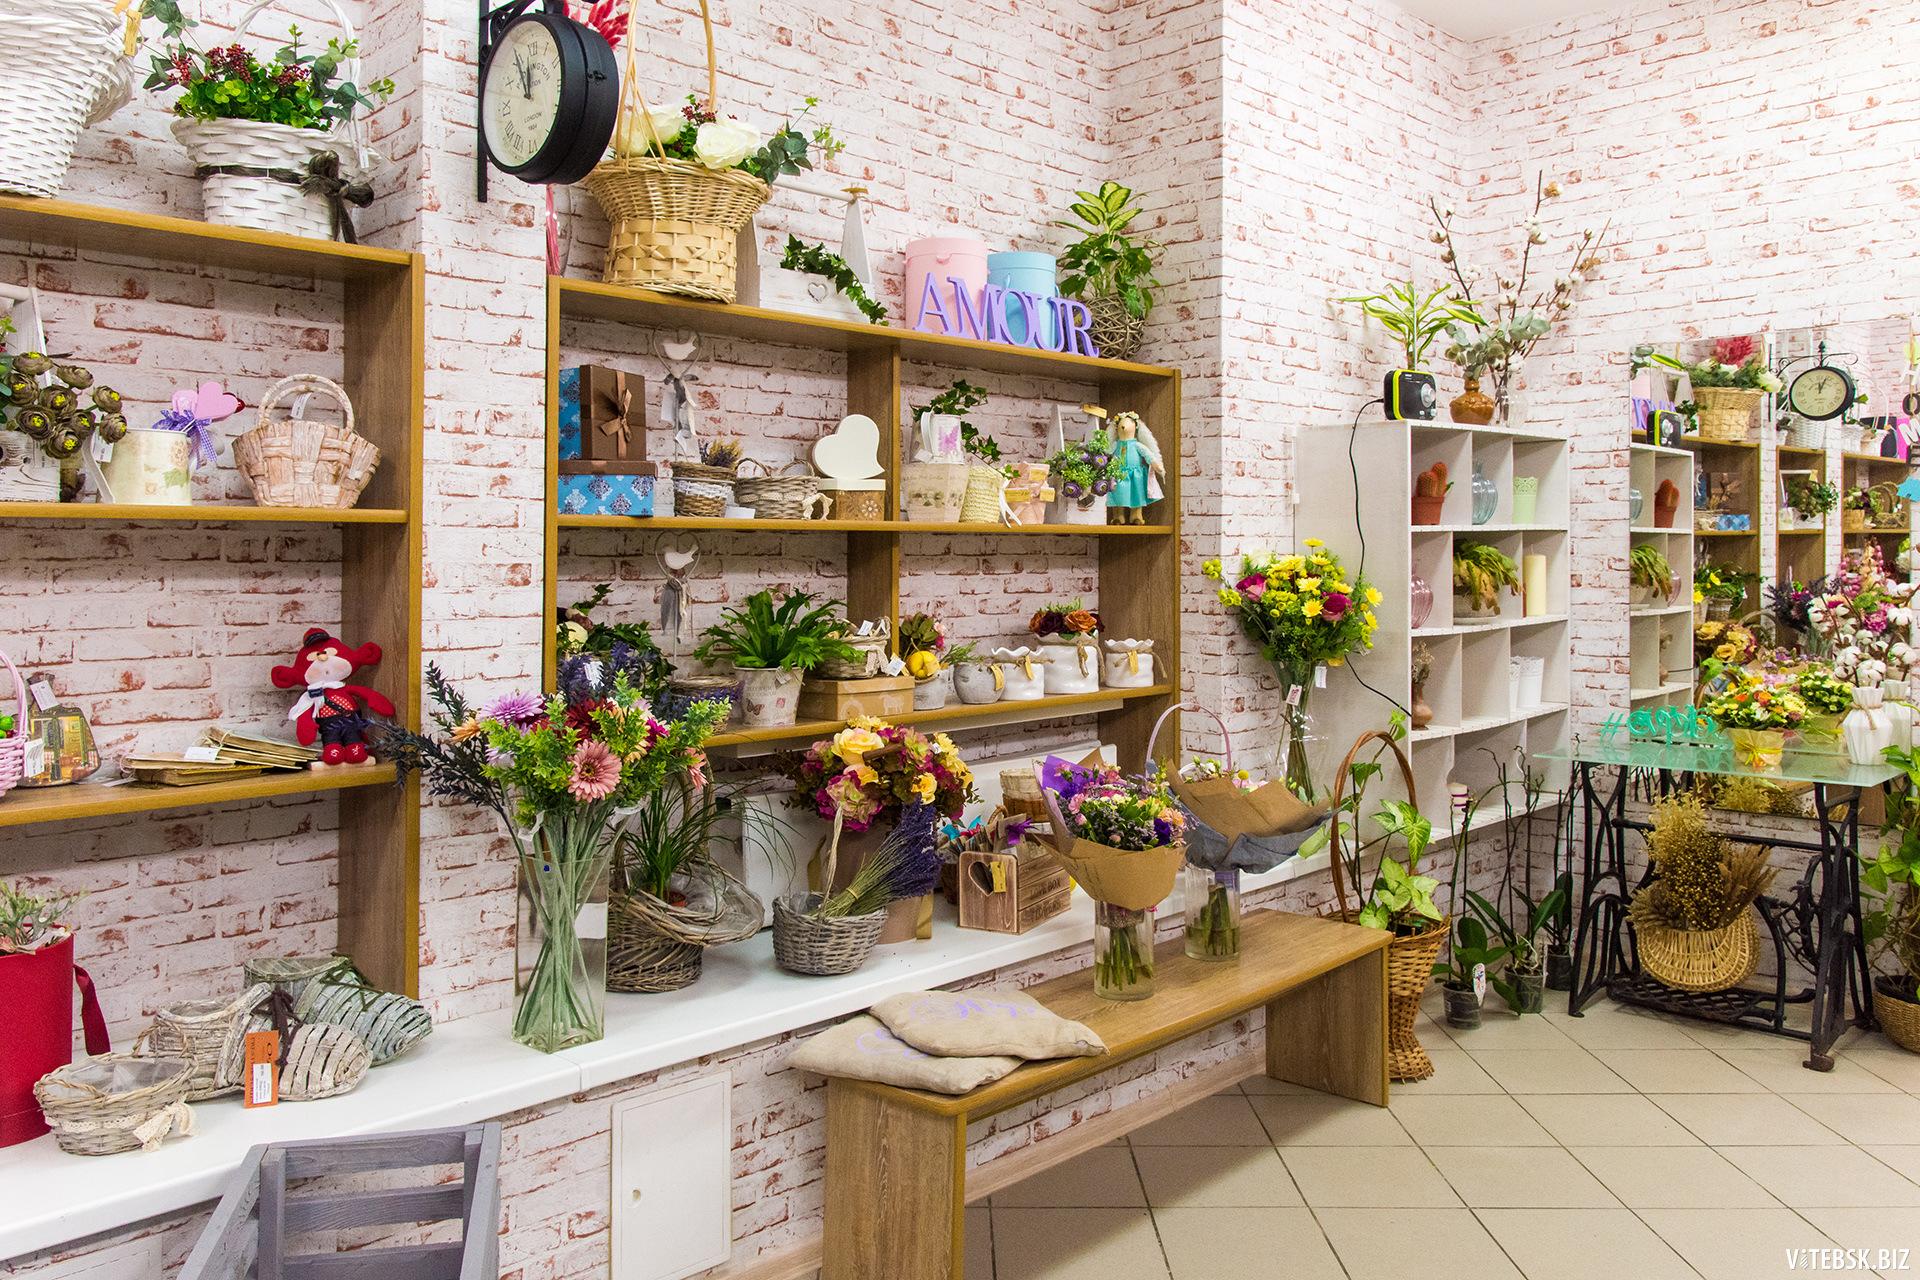 Магазин цветы витебск время работы, оригинальные букеты цветов на заказ лилия